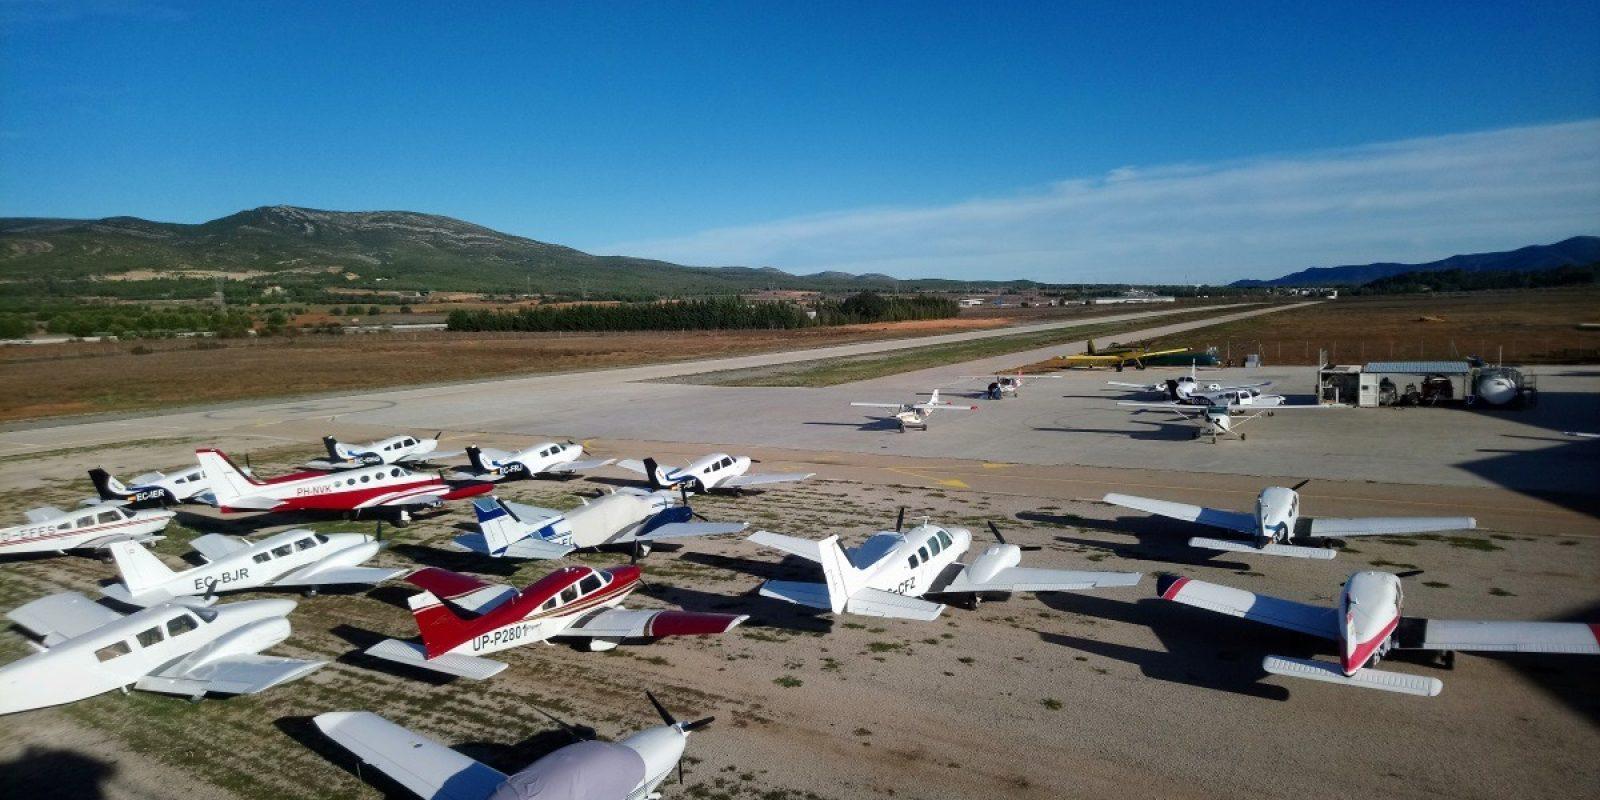 Een rijtje GA-toestellen broederlijk naast elkaar op het vliegveld van Requena - El Rebollar (LERE). Op de achtergrond het geelgeschilderde blusvliegtuig van het lokale brandweerkorps. (Foto Thomas Cruysberghs)